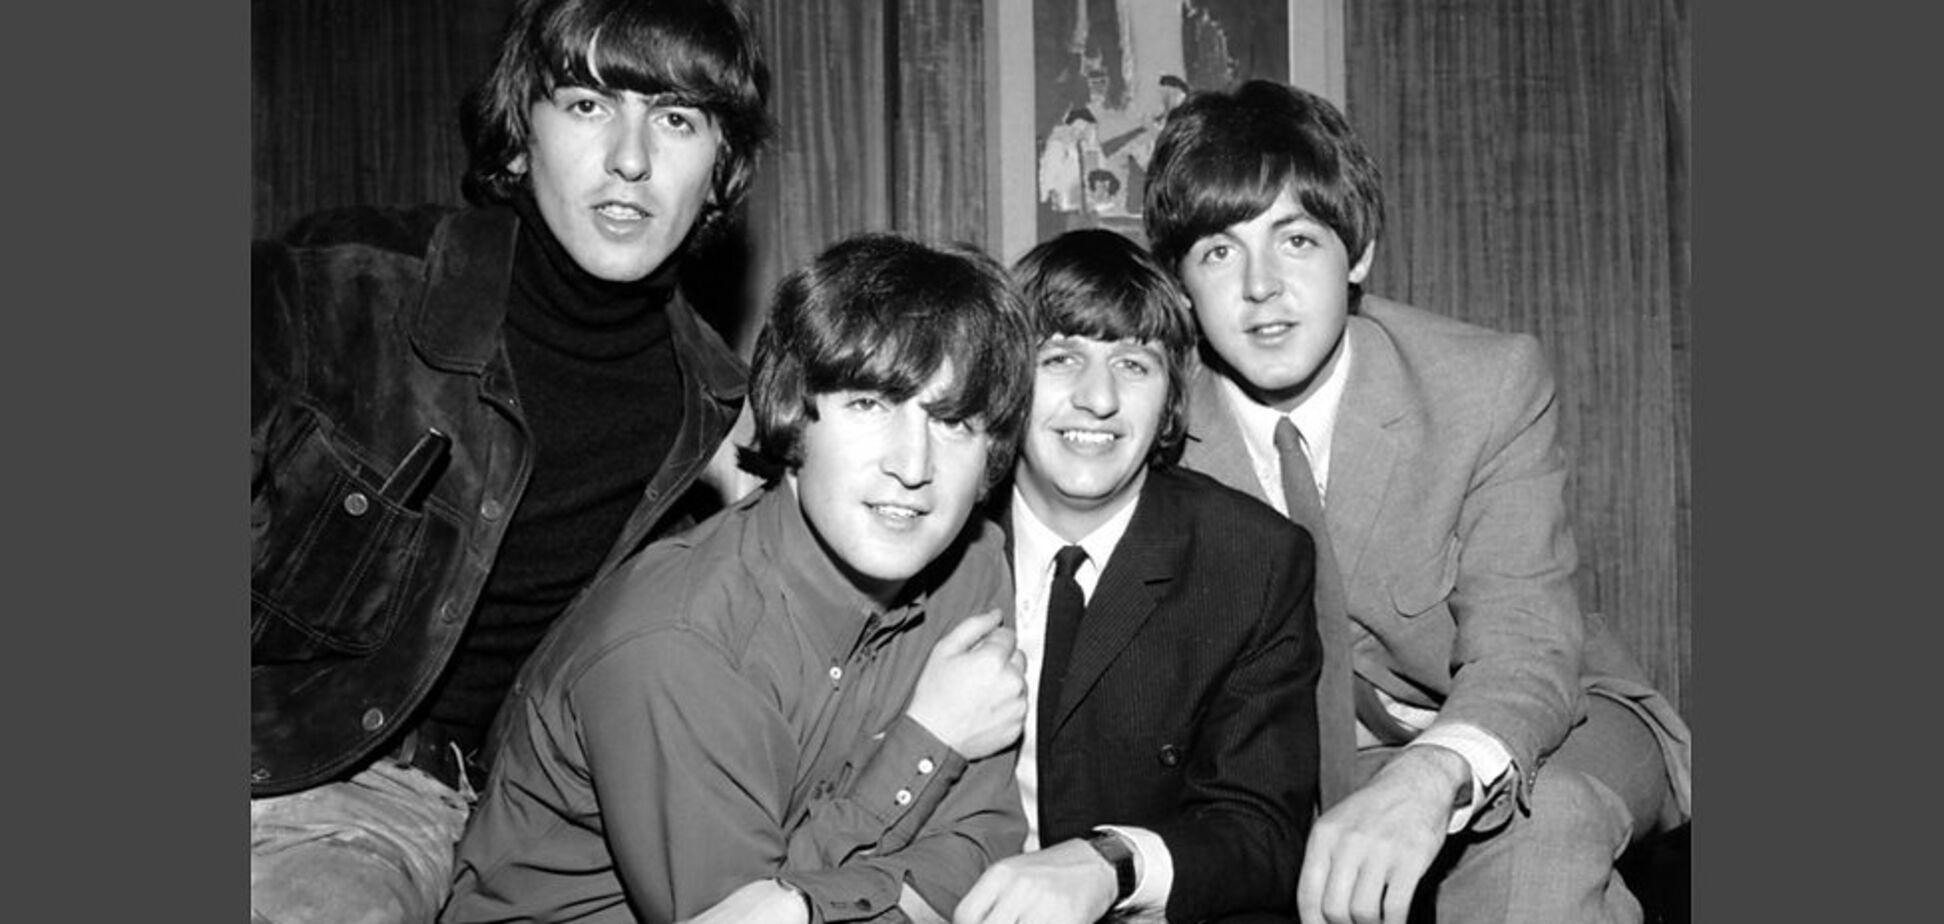 Вышел еще один новый клип The Beatles: на этот раз с архивными фото из СССР